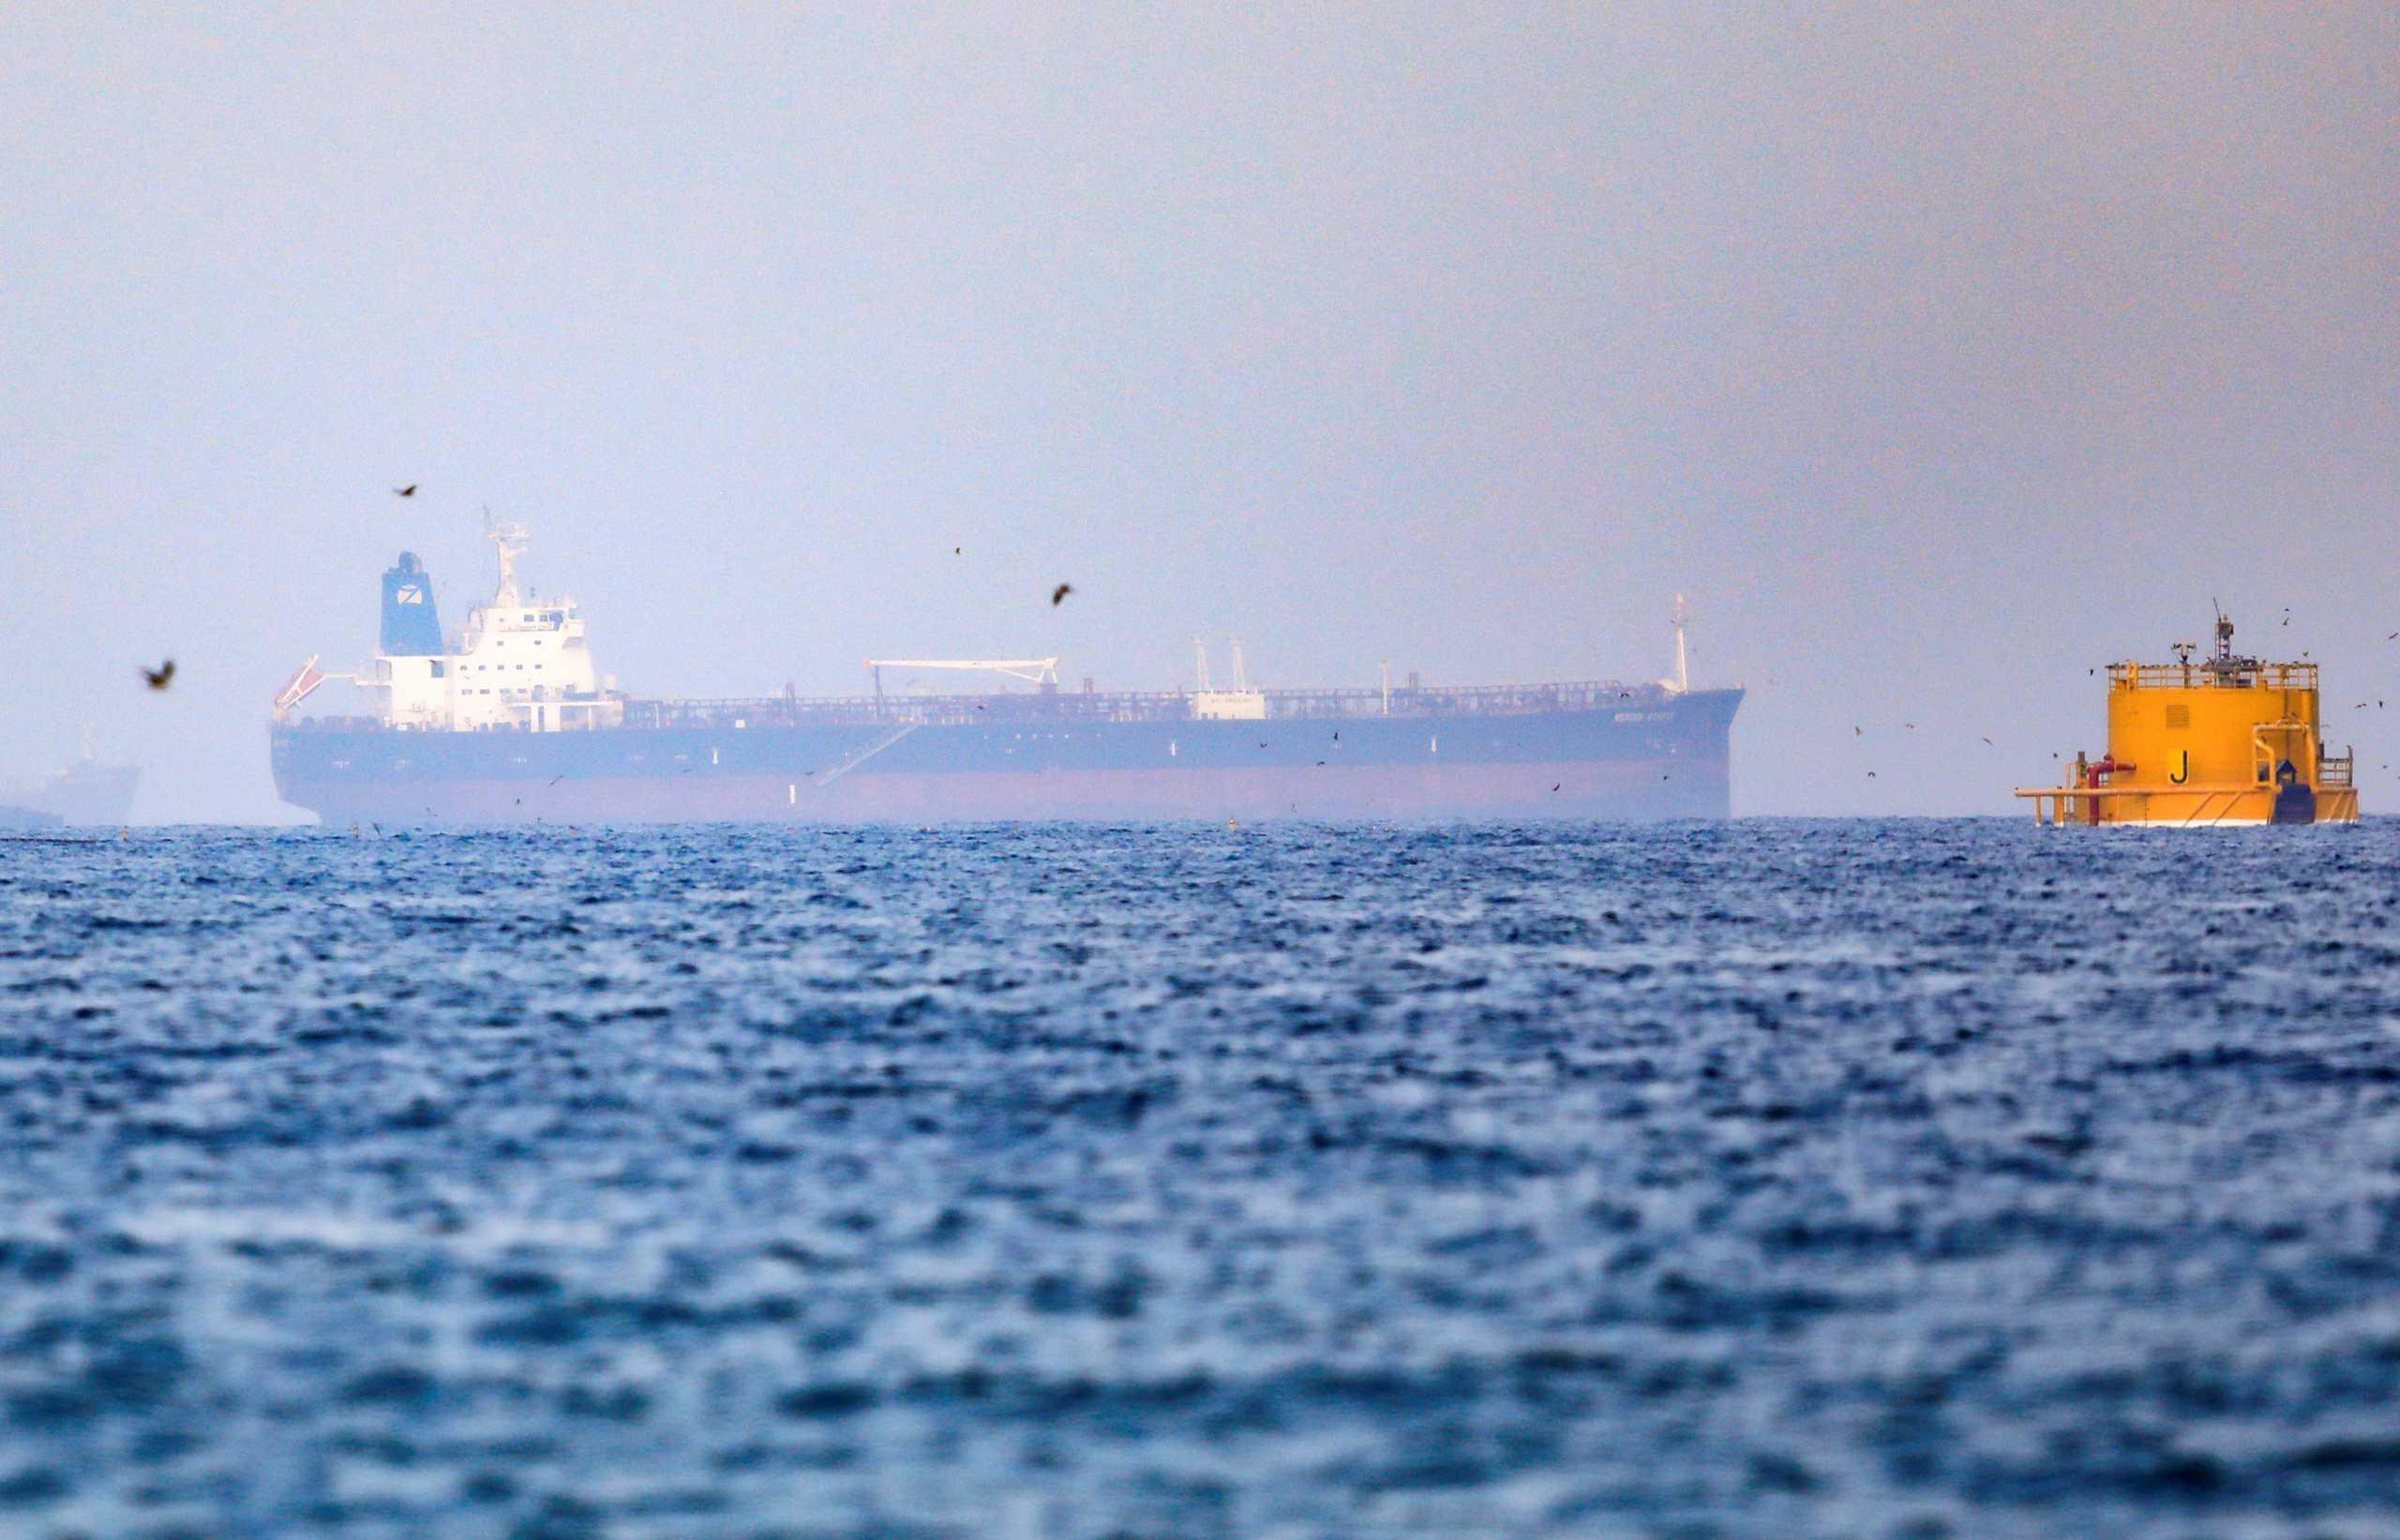 Έρευνες για «πιθανή πειρατεία σε τάνκερ» αλλά και προειδοποιήσεις από το Ιράν